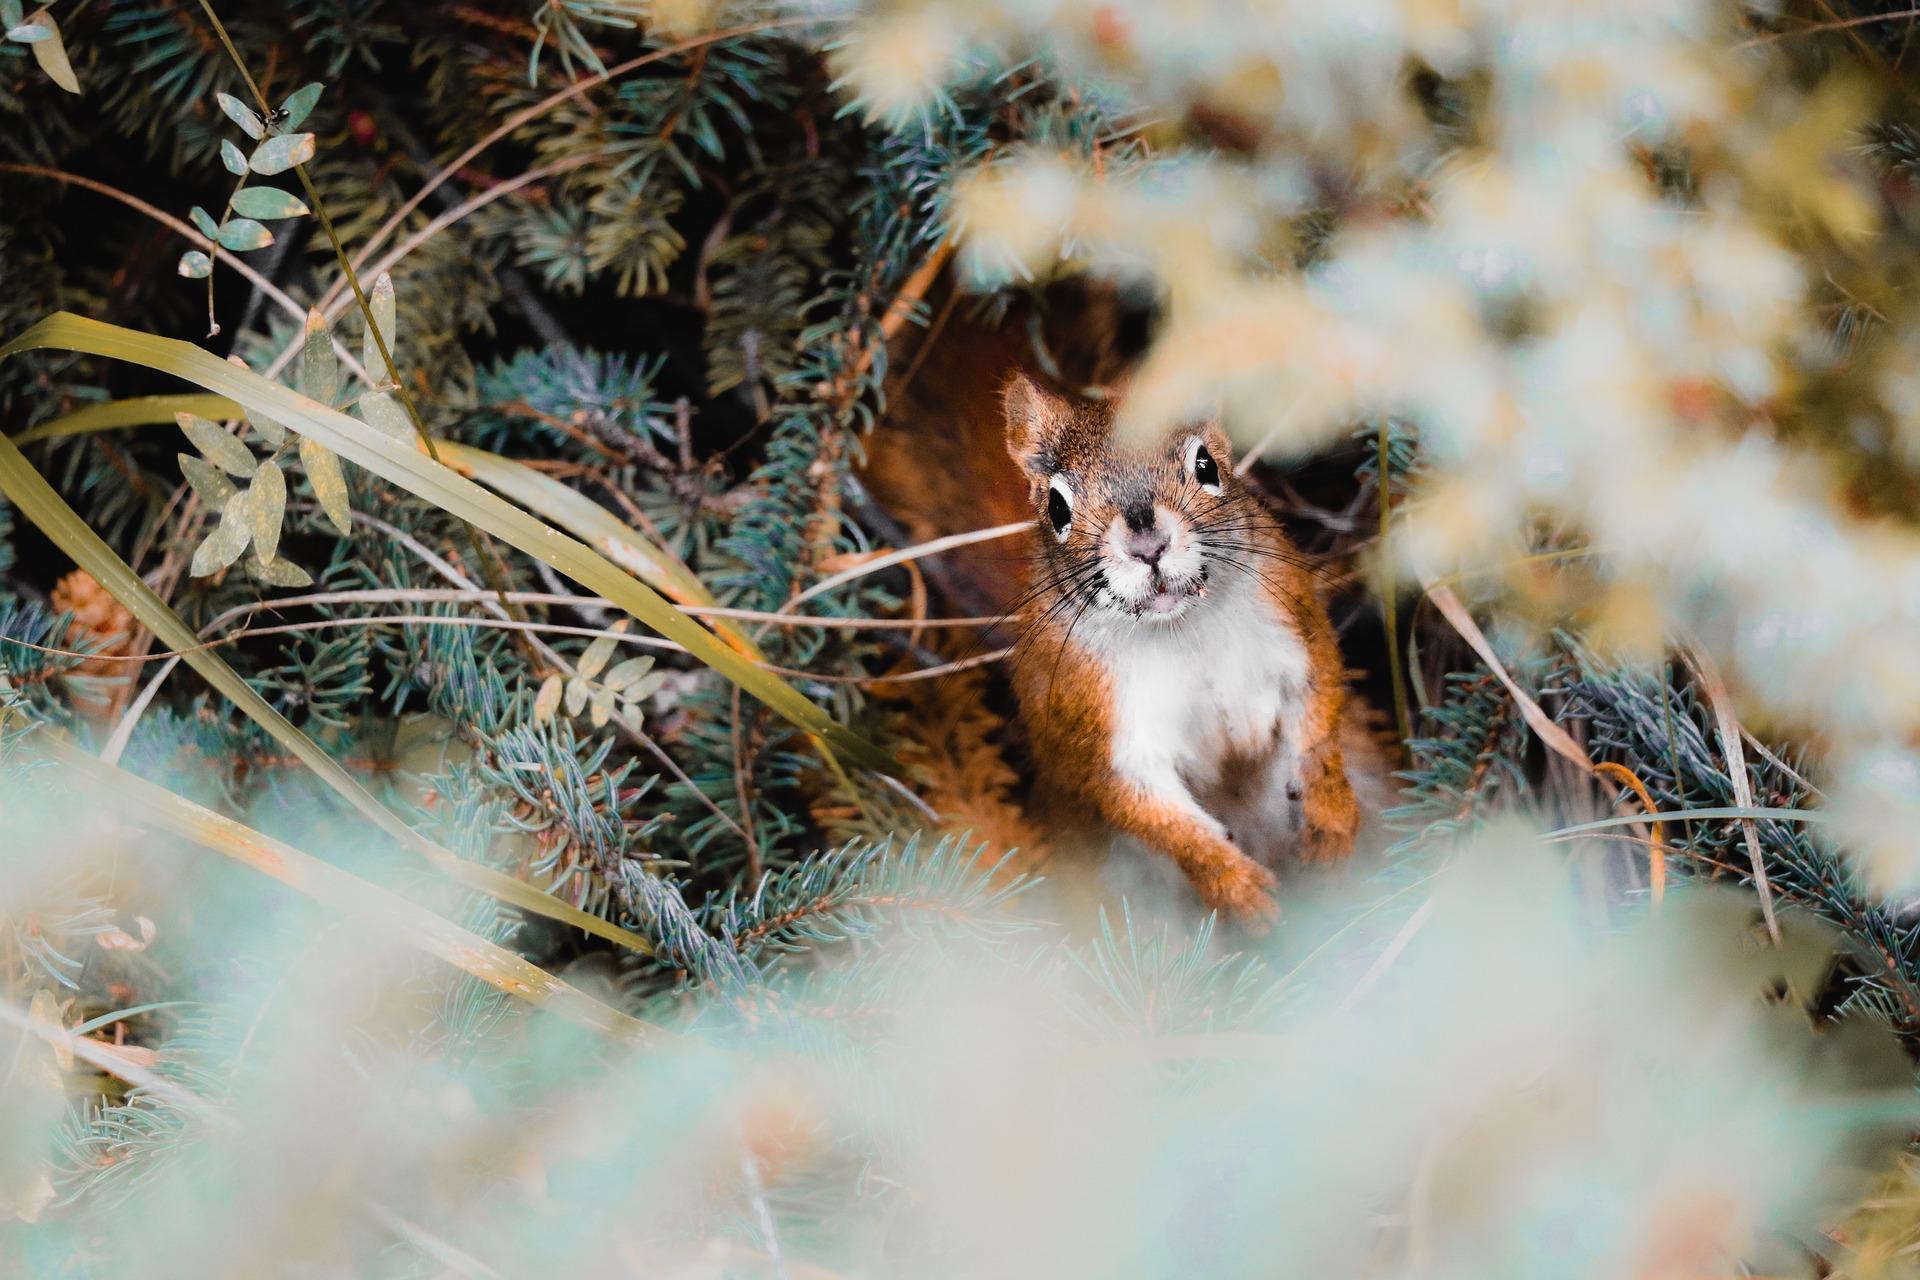 35-squirrel-3959195_1920_installer animaux